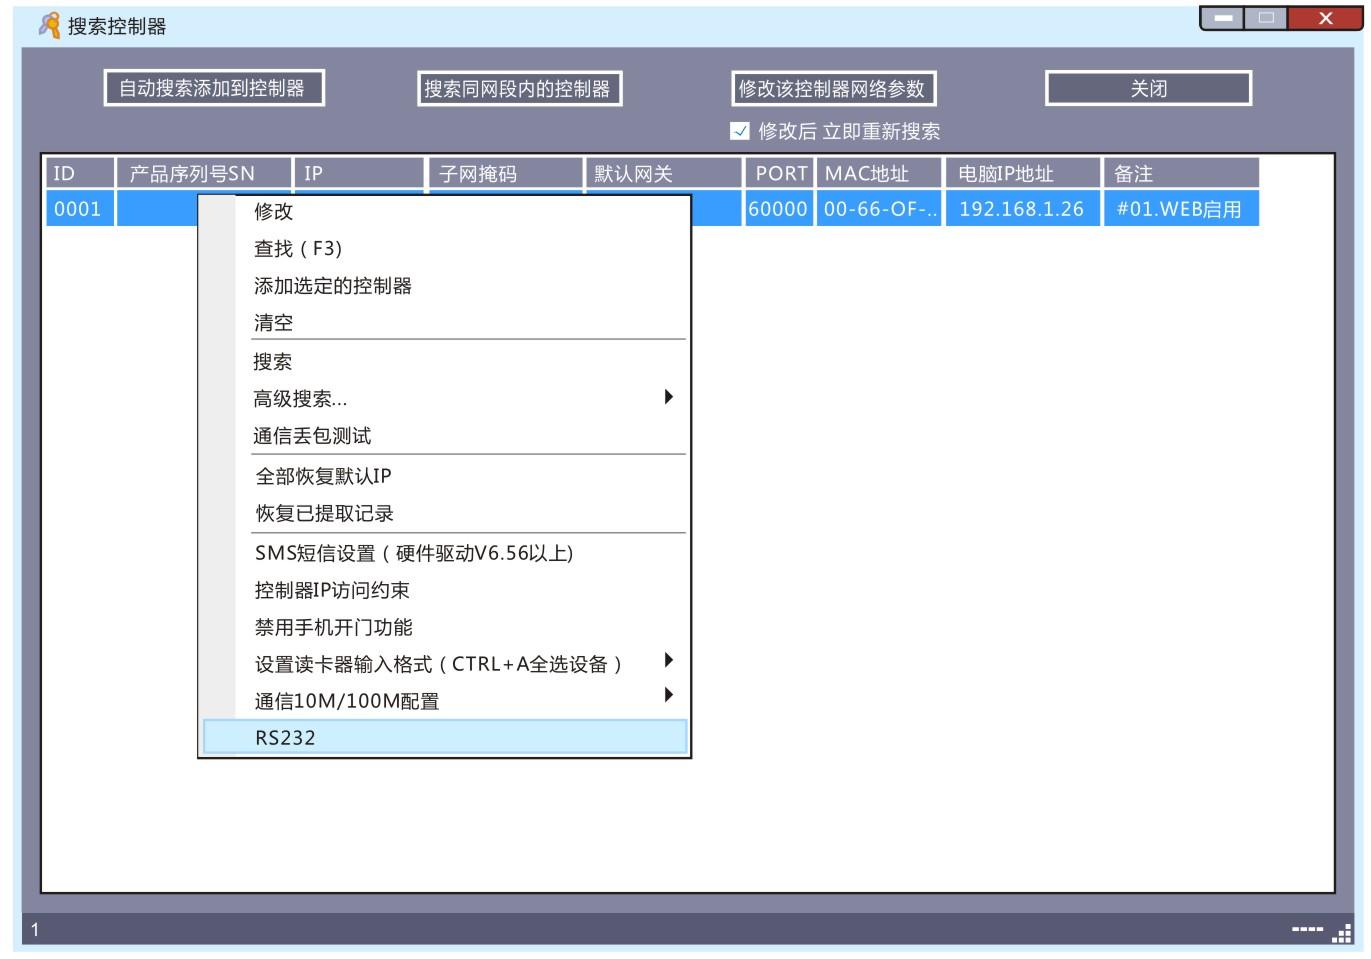 塞伯罗斯二维码门禁软件设置